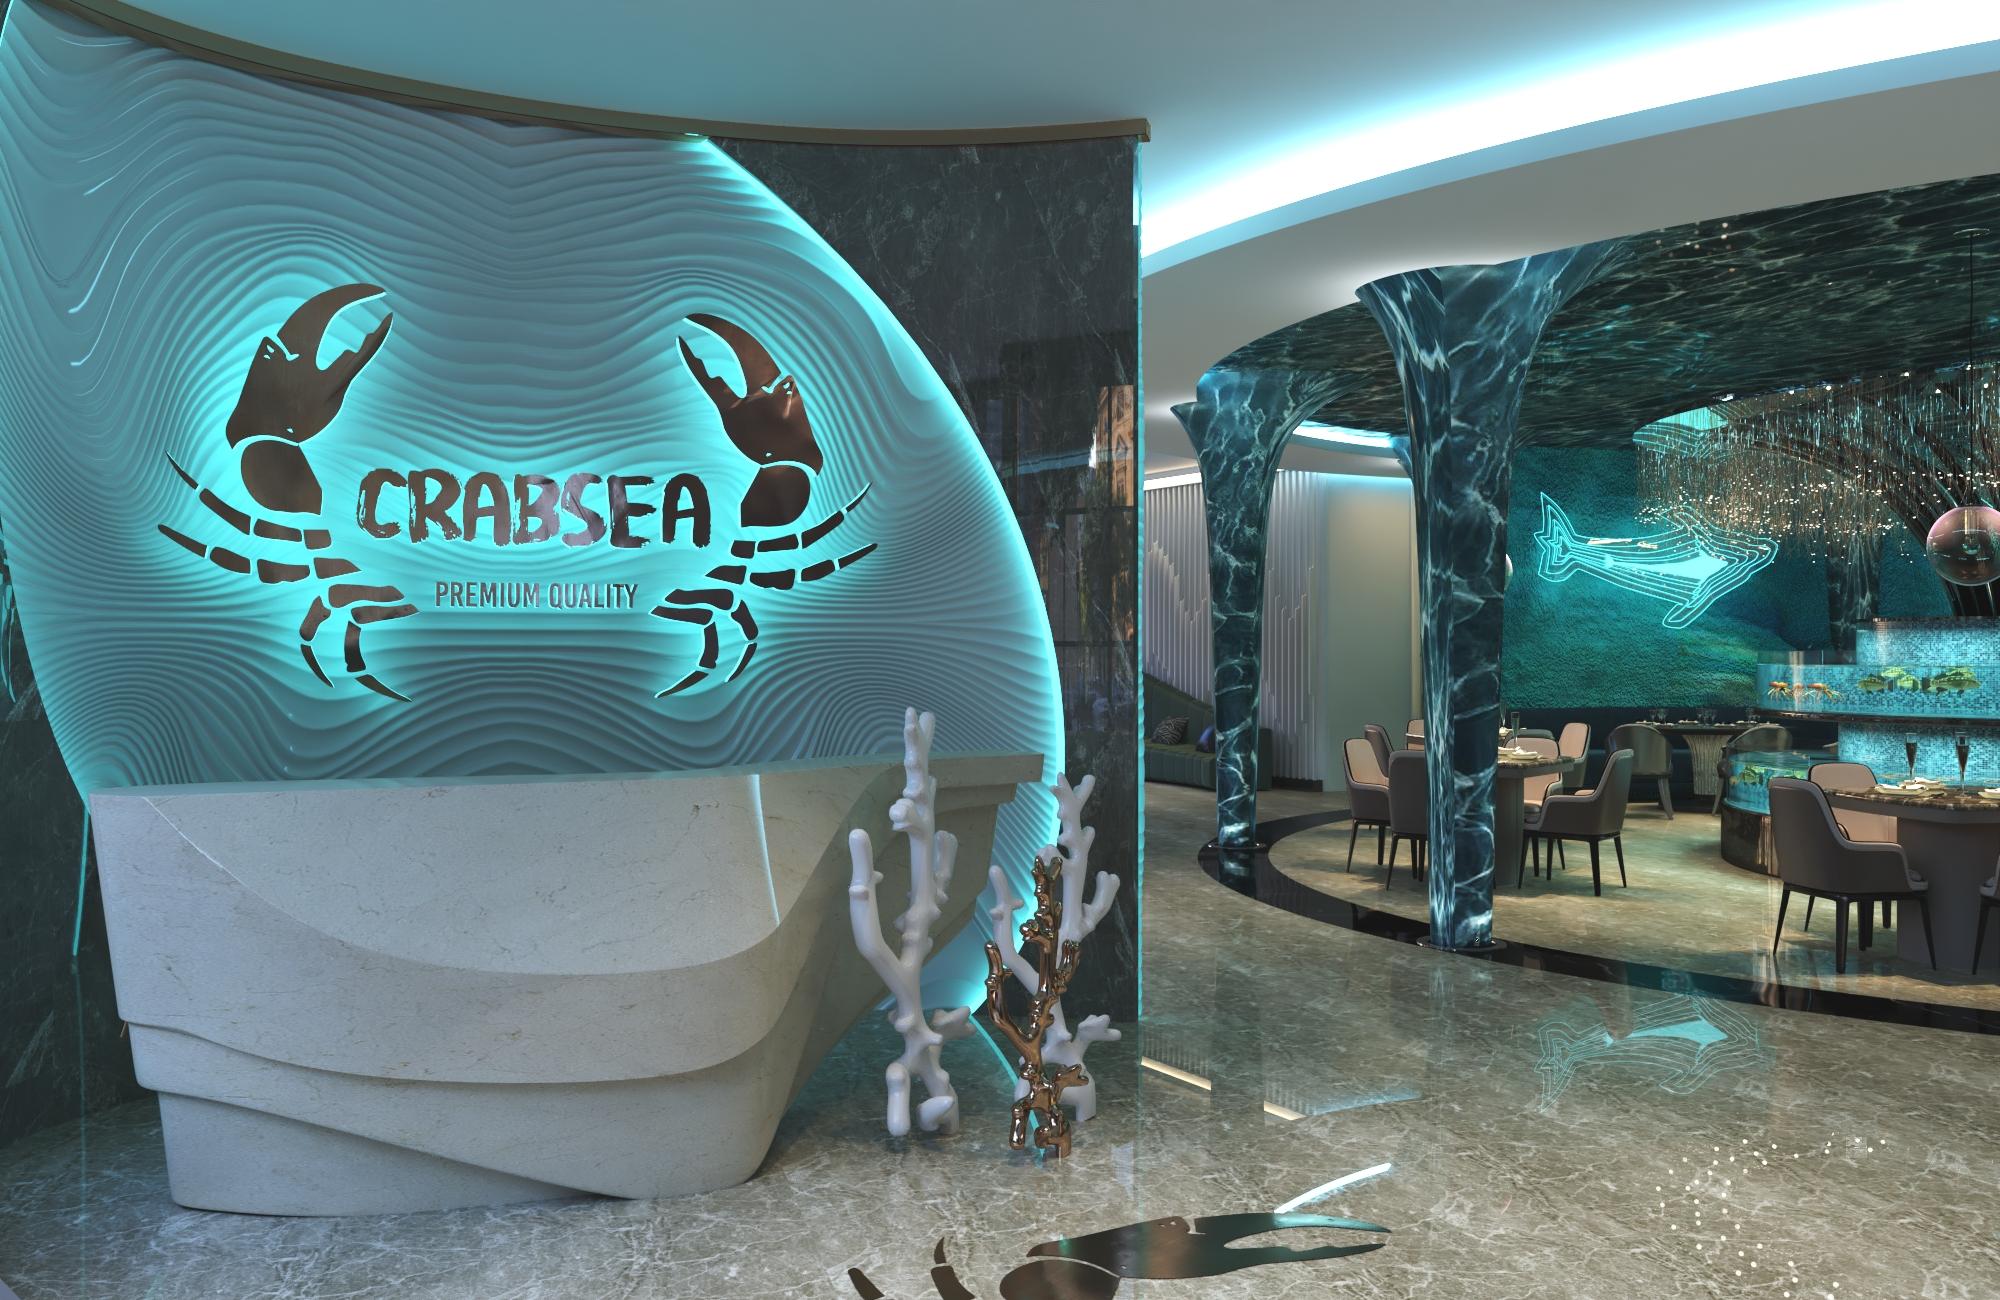 Thiết kế nội thất Nhà Hàng tại Hồ Chí Minh NHÀ HÀNG HẢI SẢN CRABSEA 1595741109 0